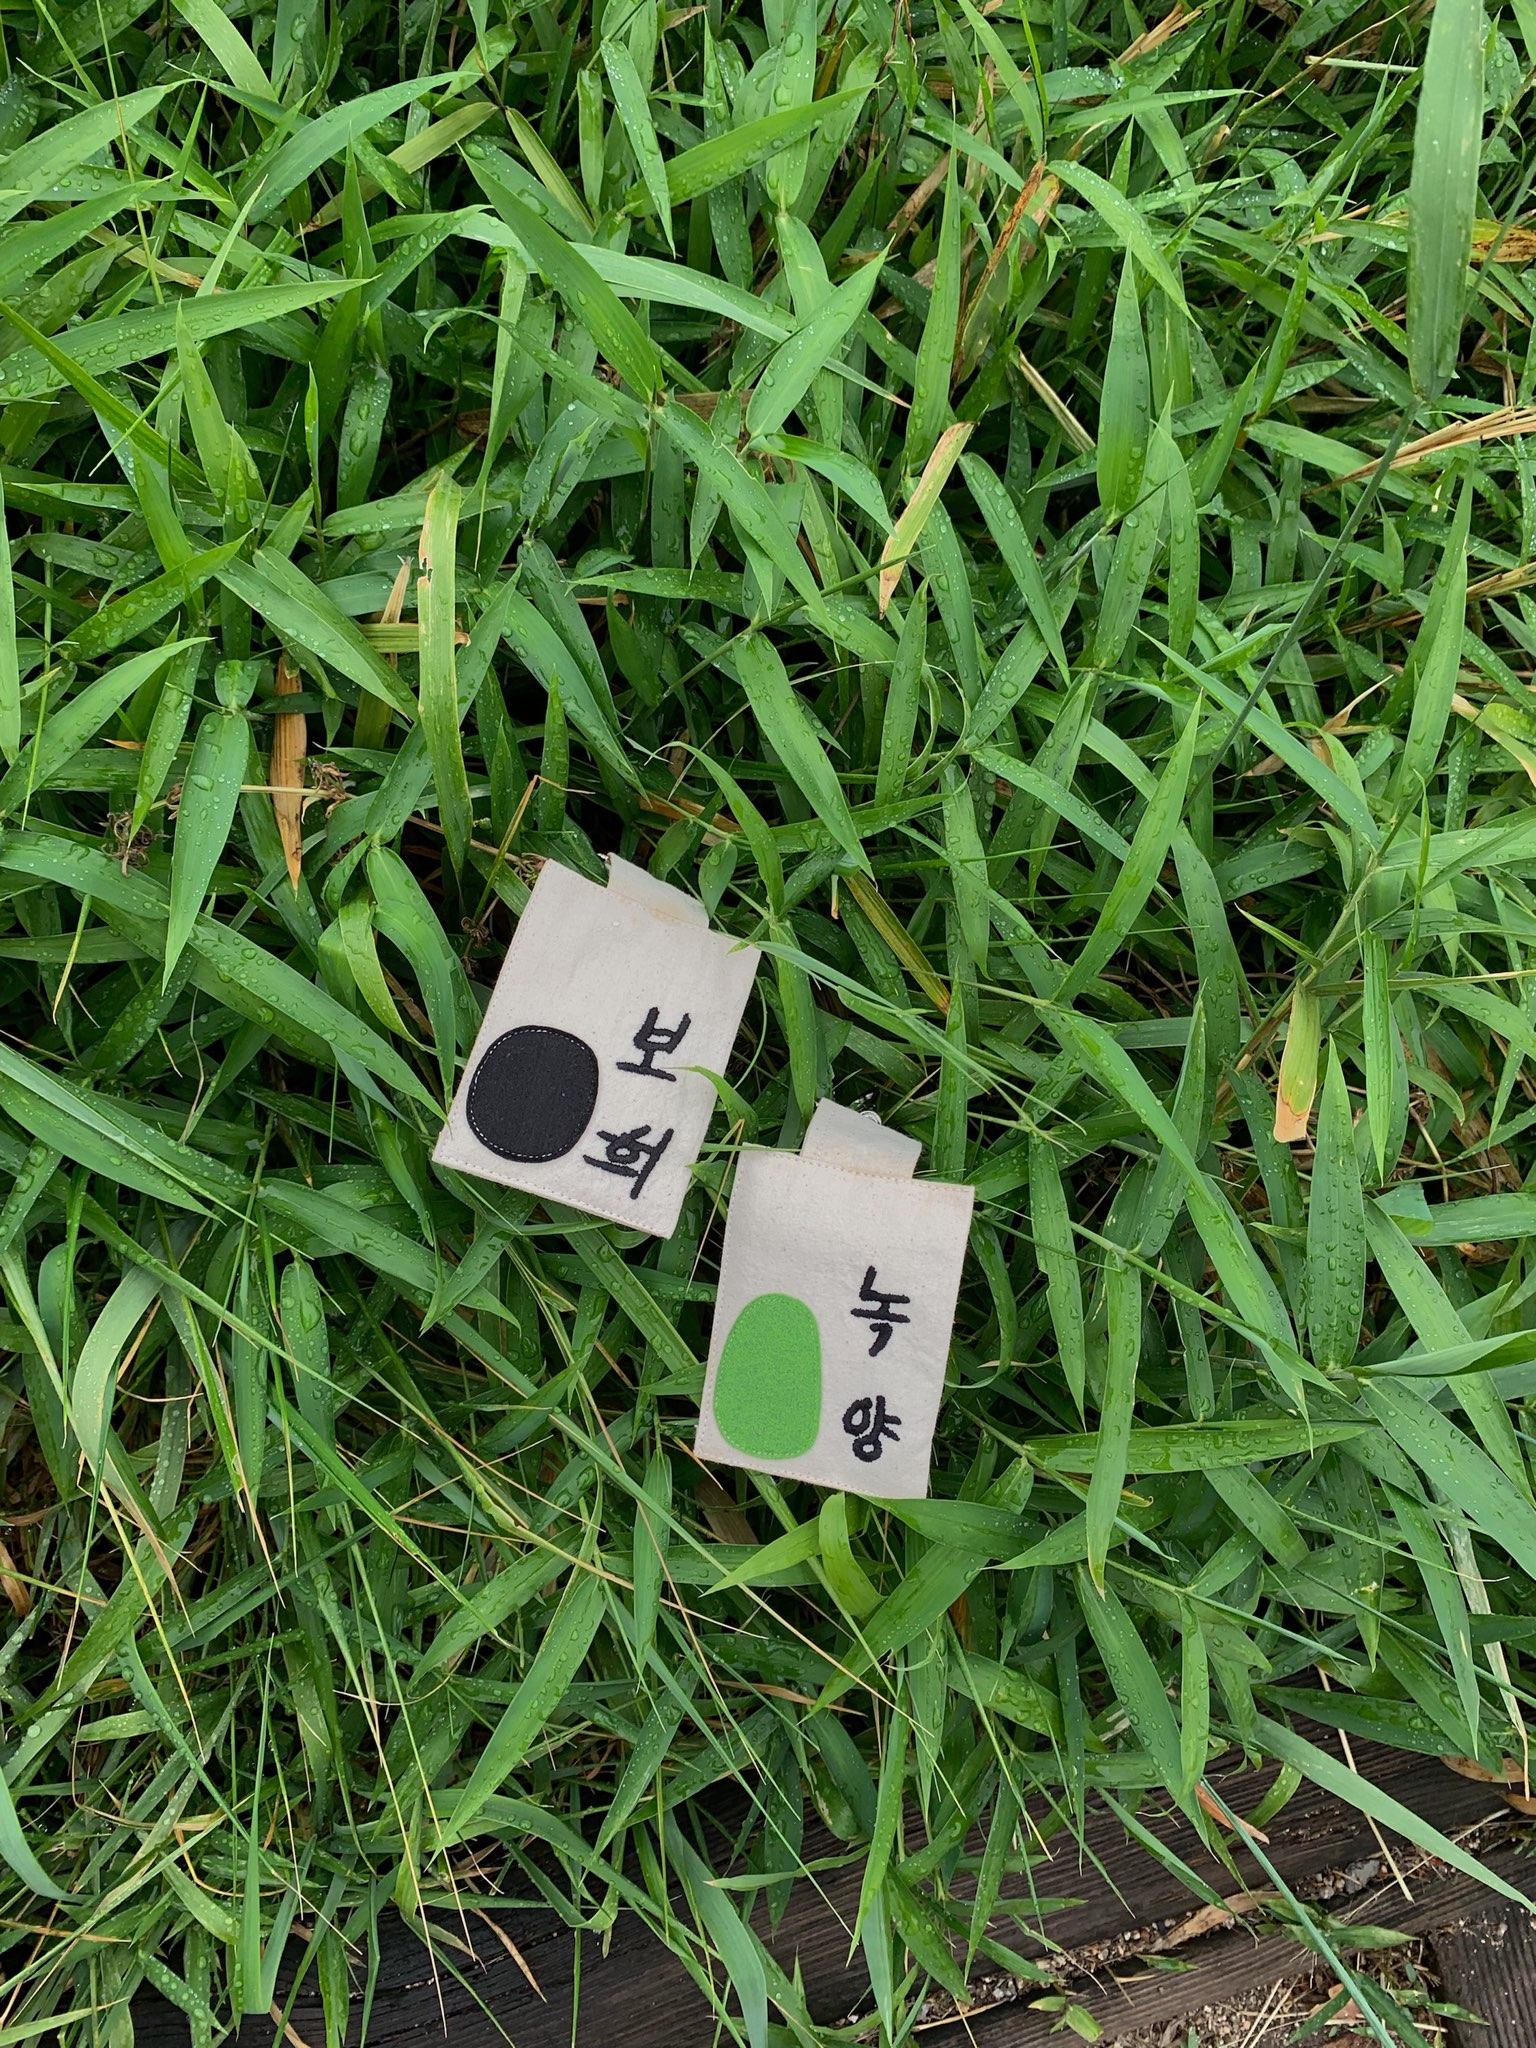 보희와녹양_보희와녹양의마음 카드 열쇠고리.jpg